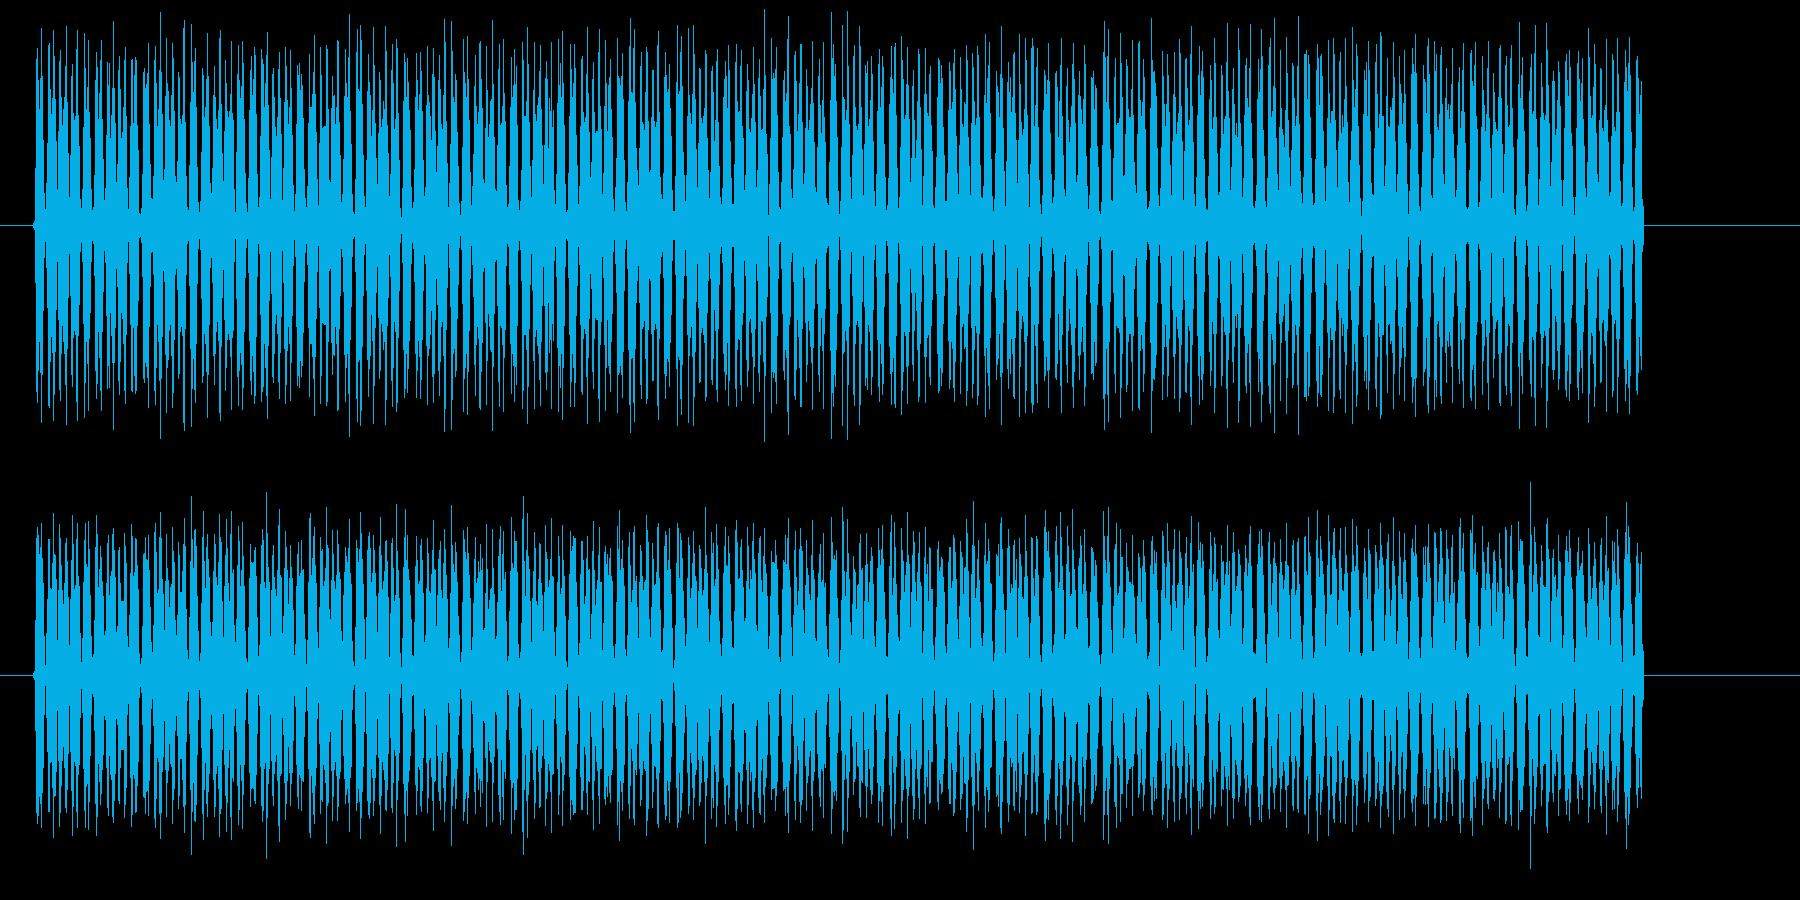 ピョンピョンピョンピョン(高音の電子音)の再生済みの波形